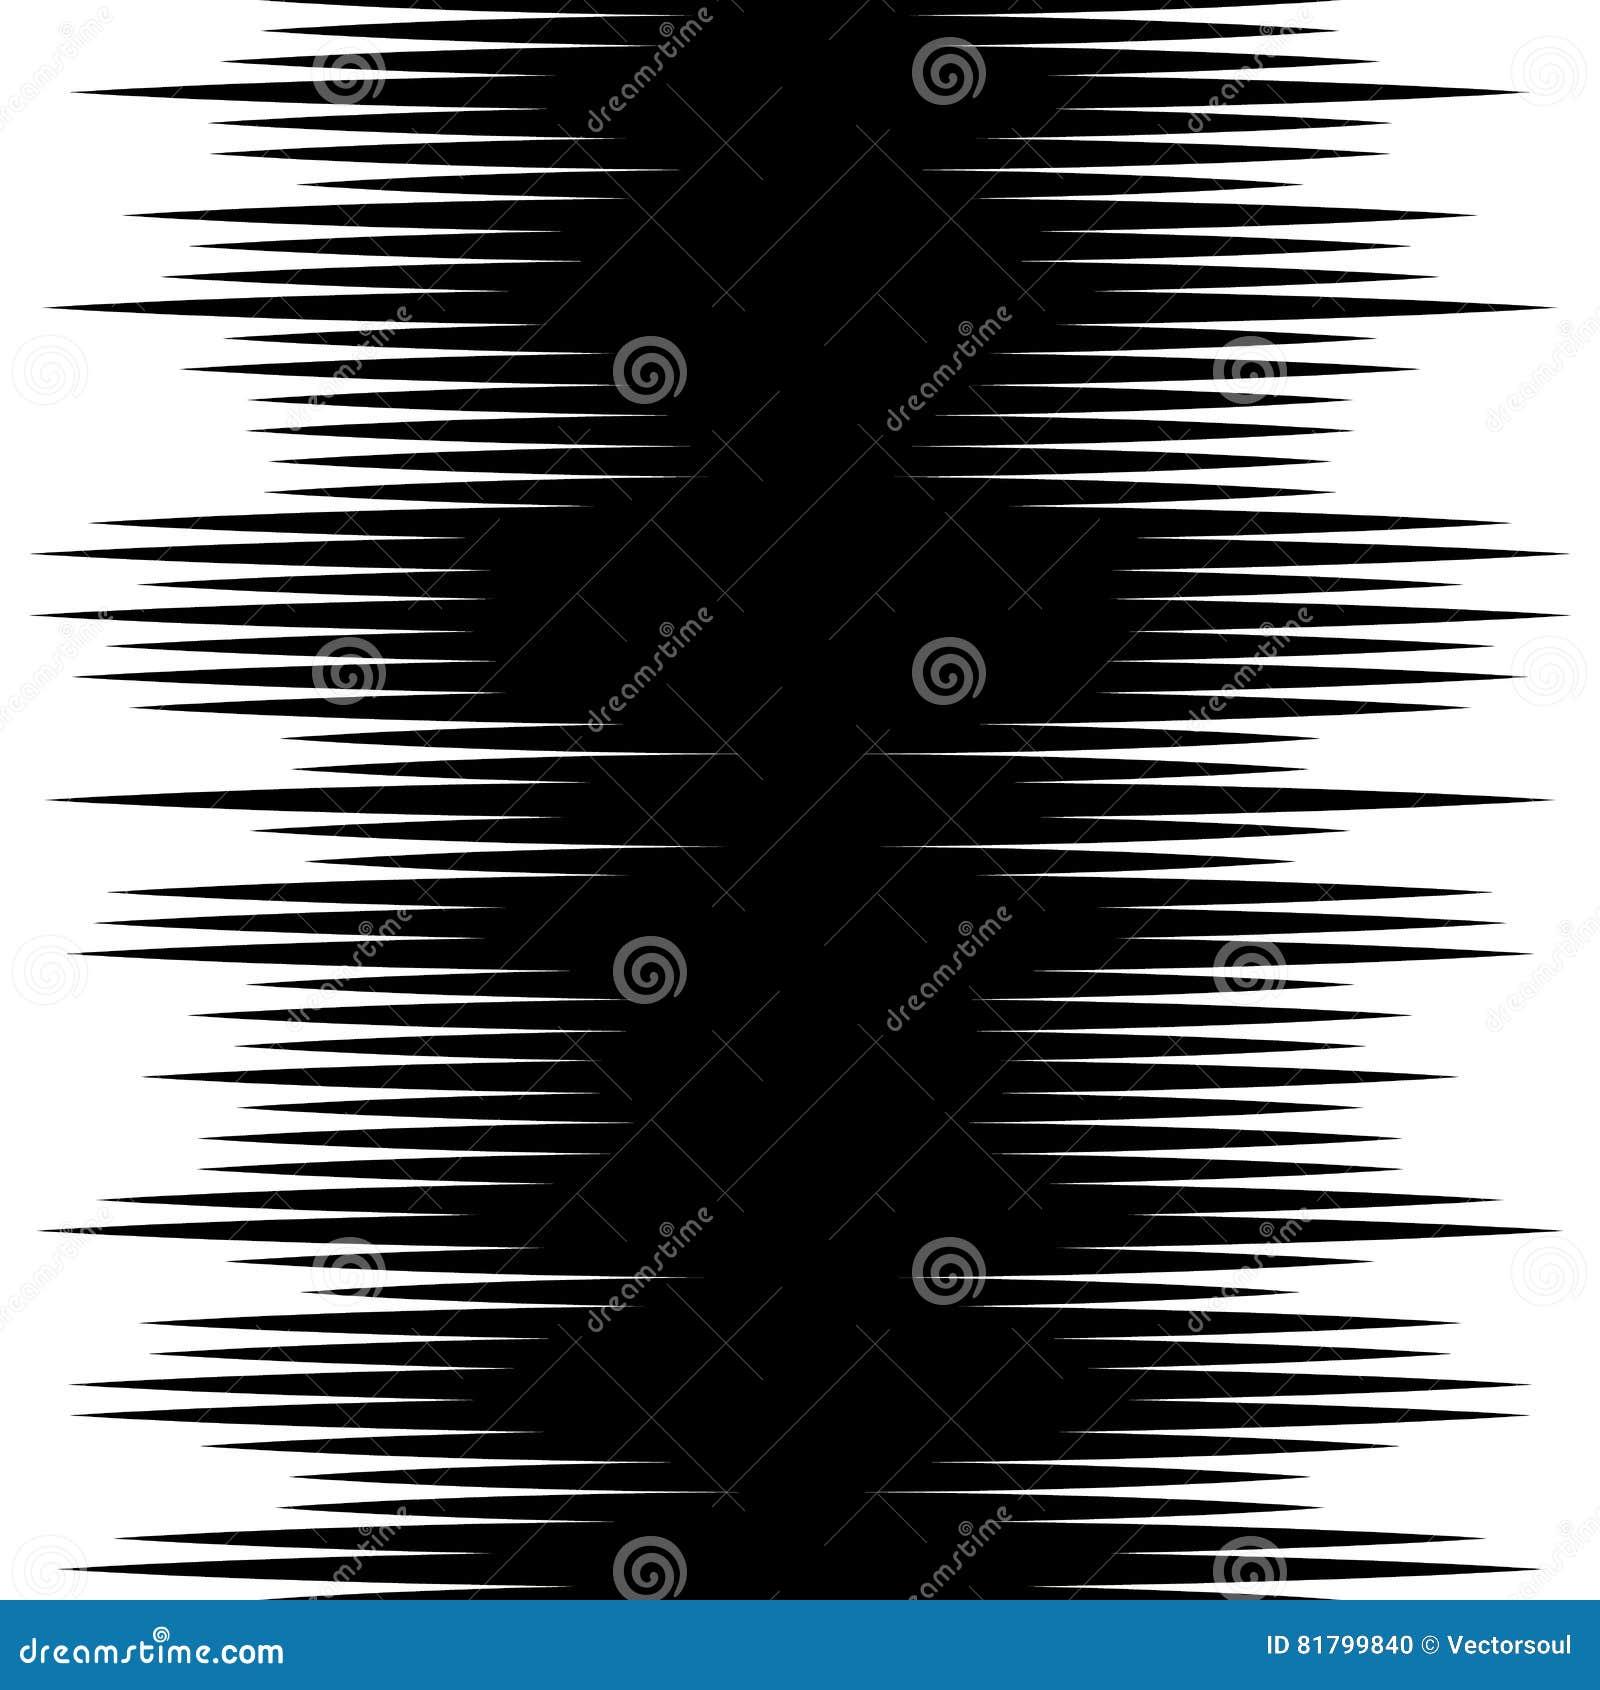 Einfarbige Linien Muster, vertikal nahtlos Gerade Ähnlichkeit